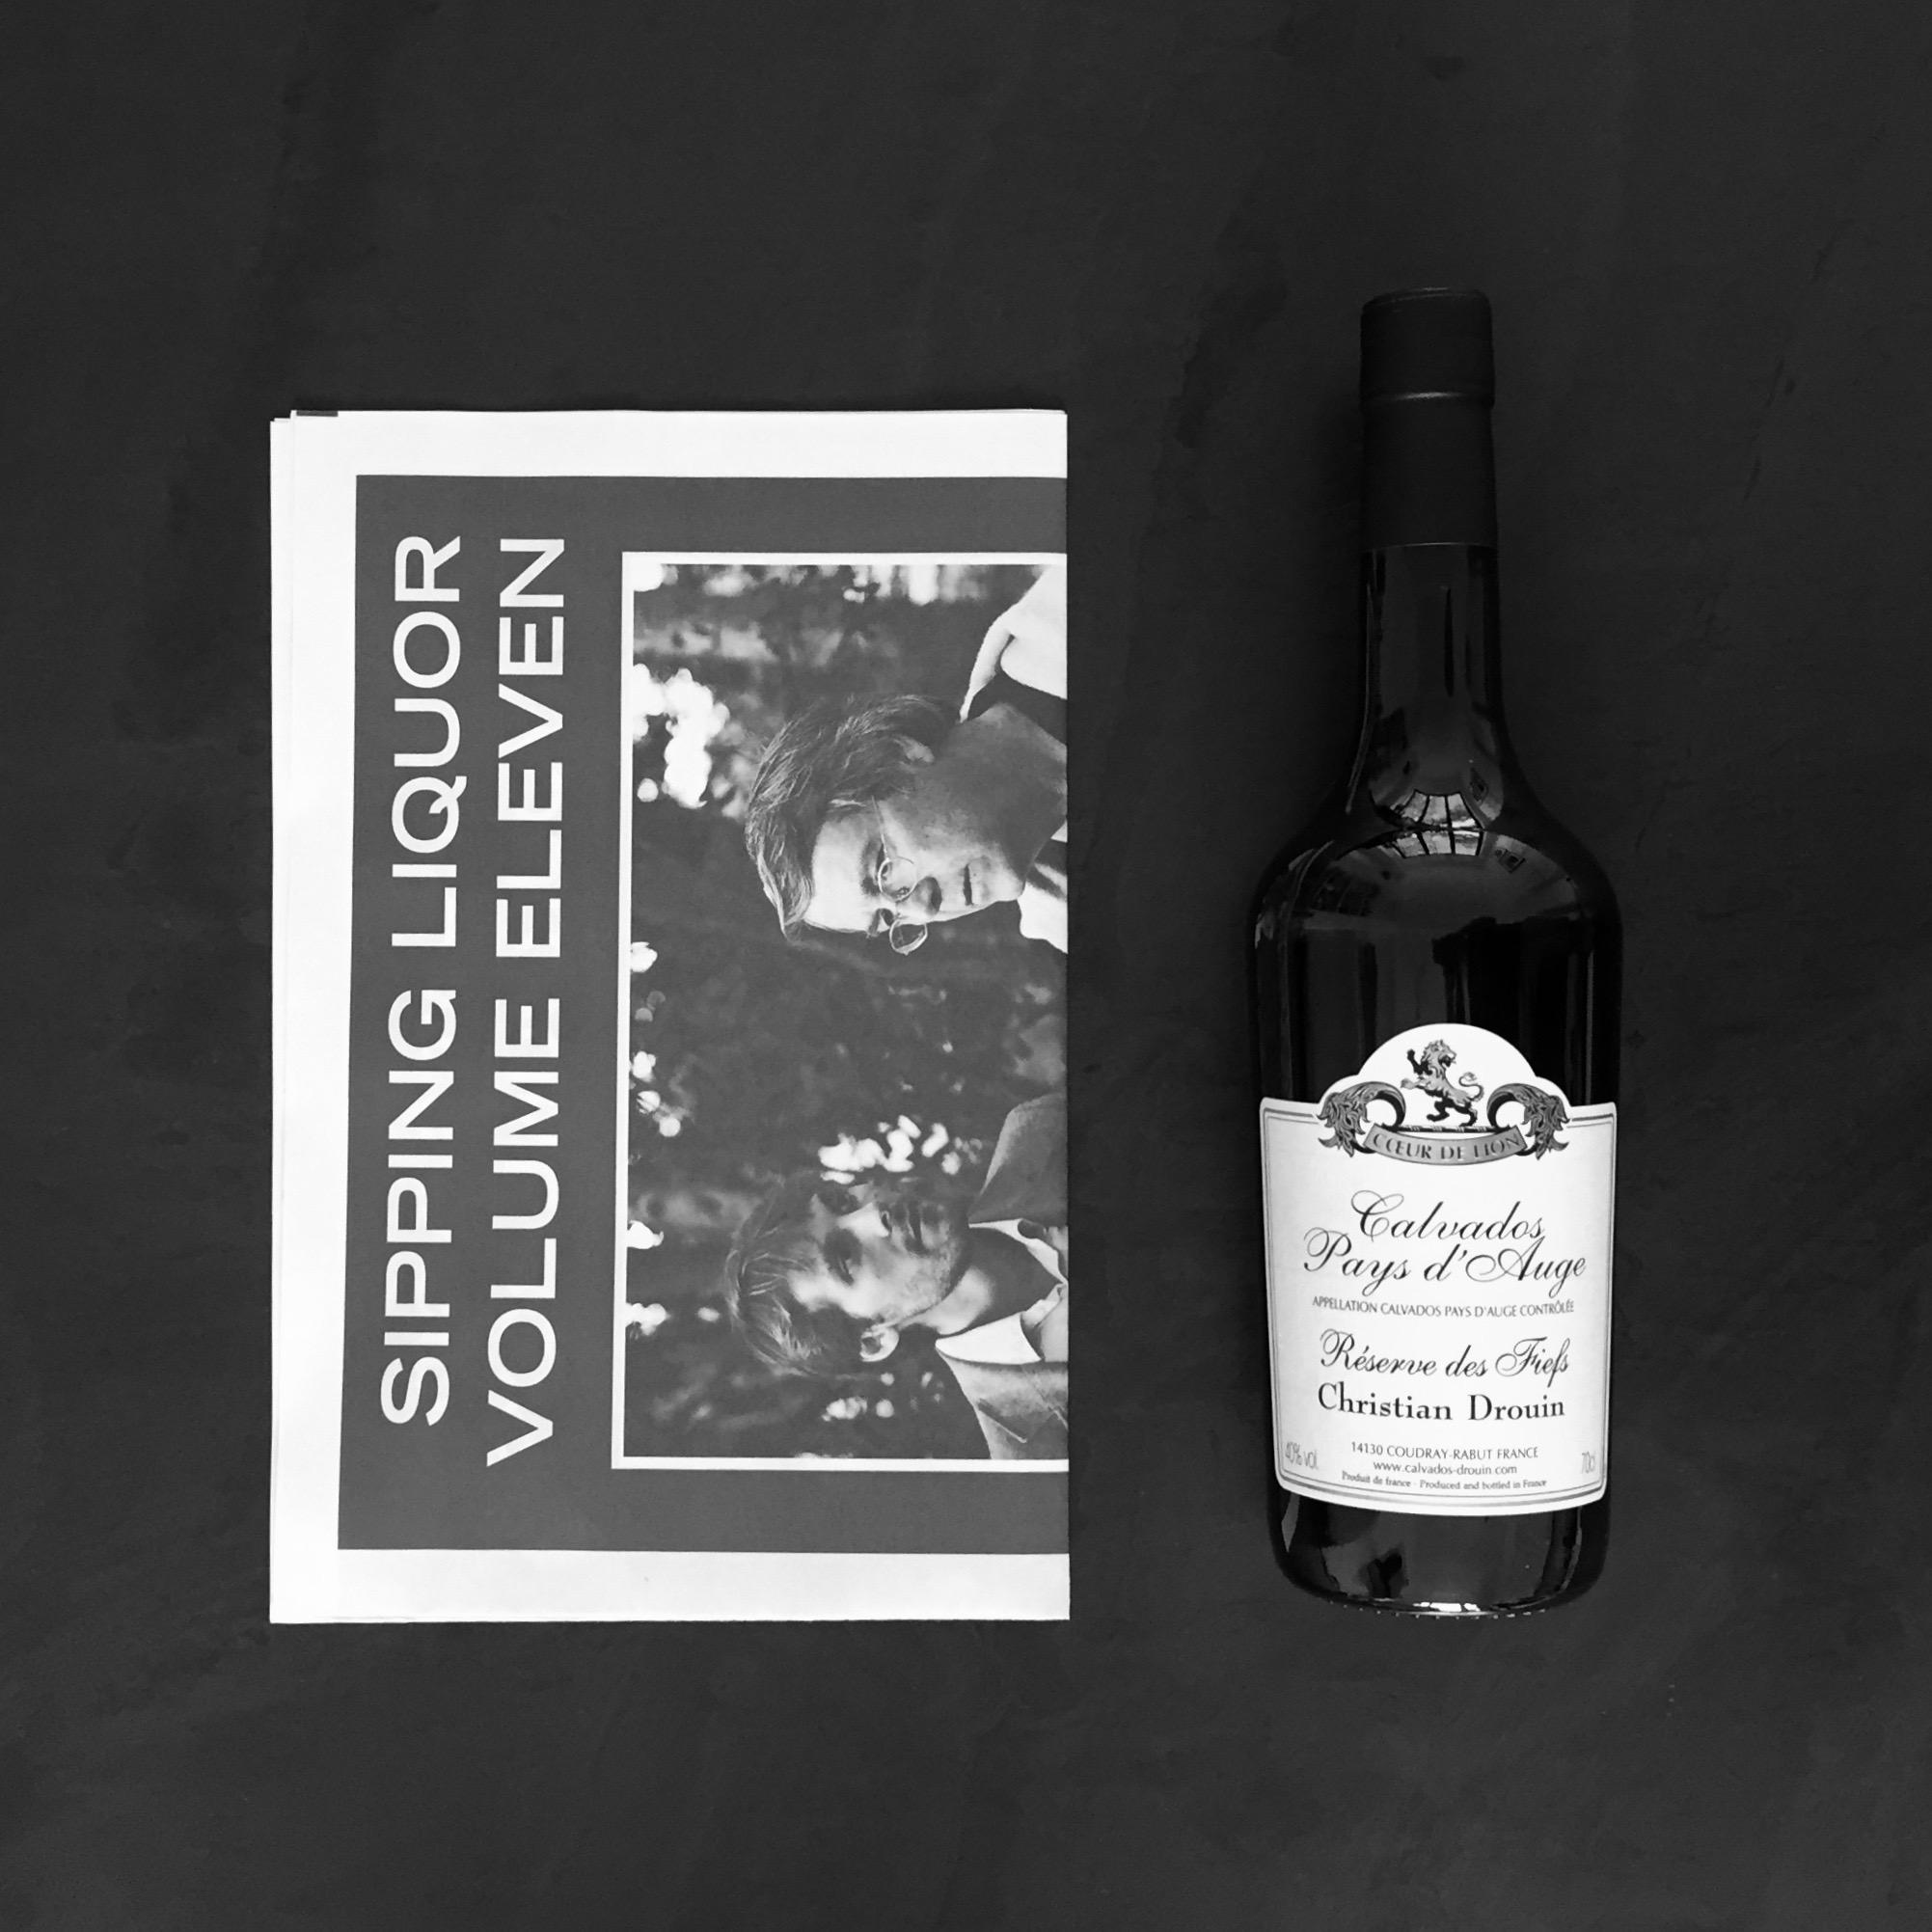 Sipping Liquor Box with Drouin Calvados